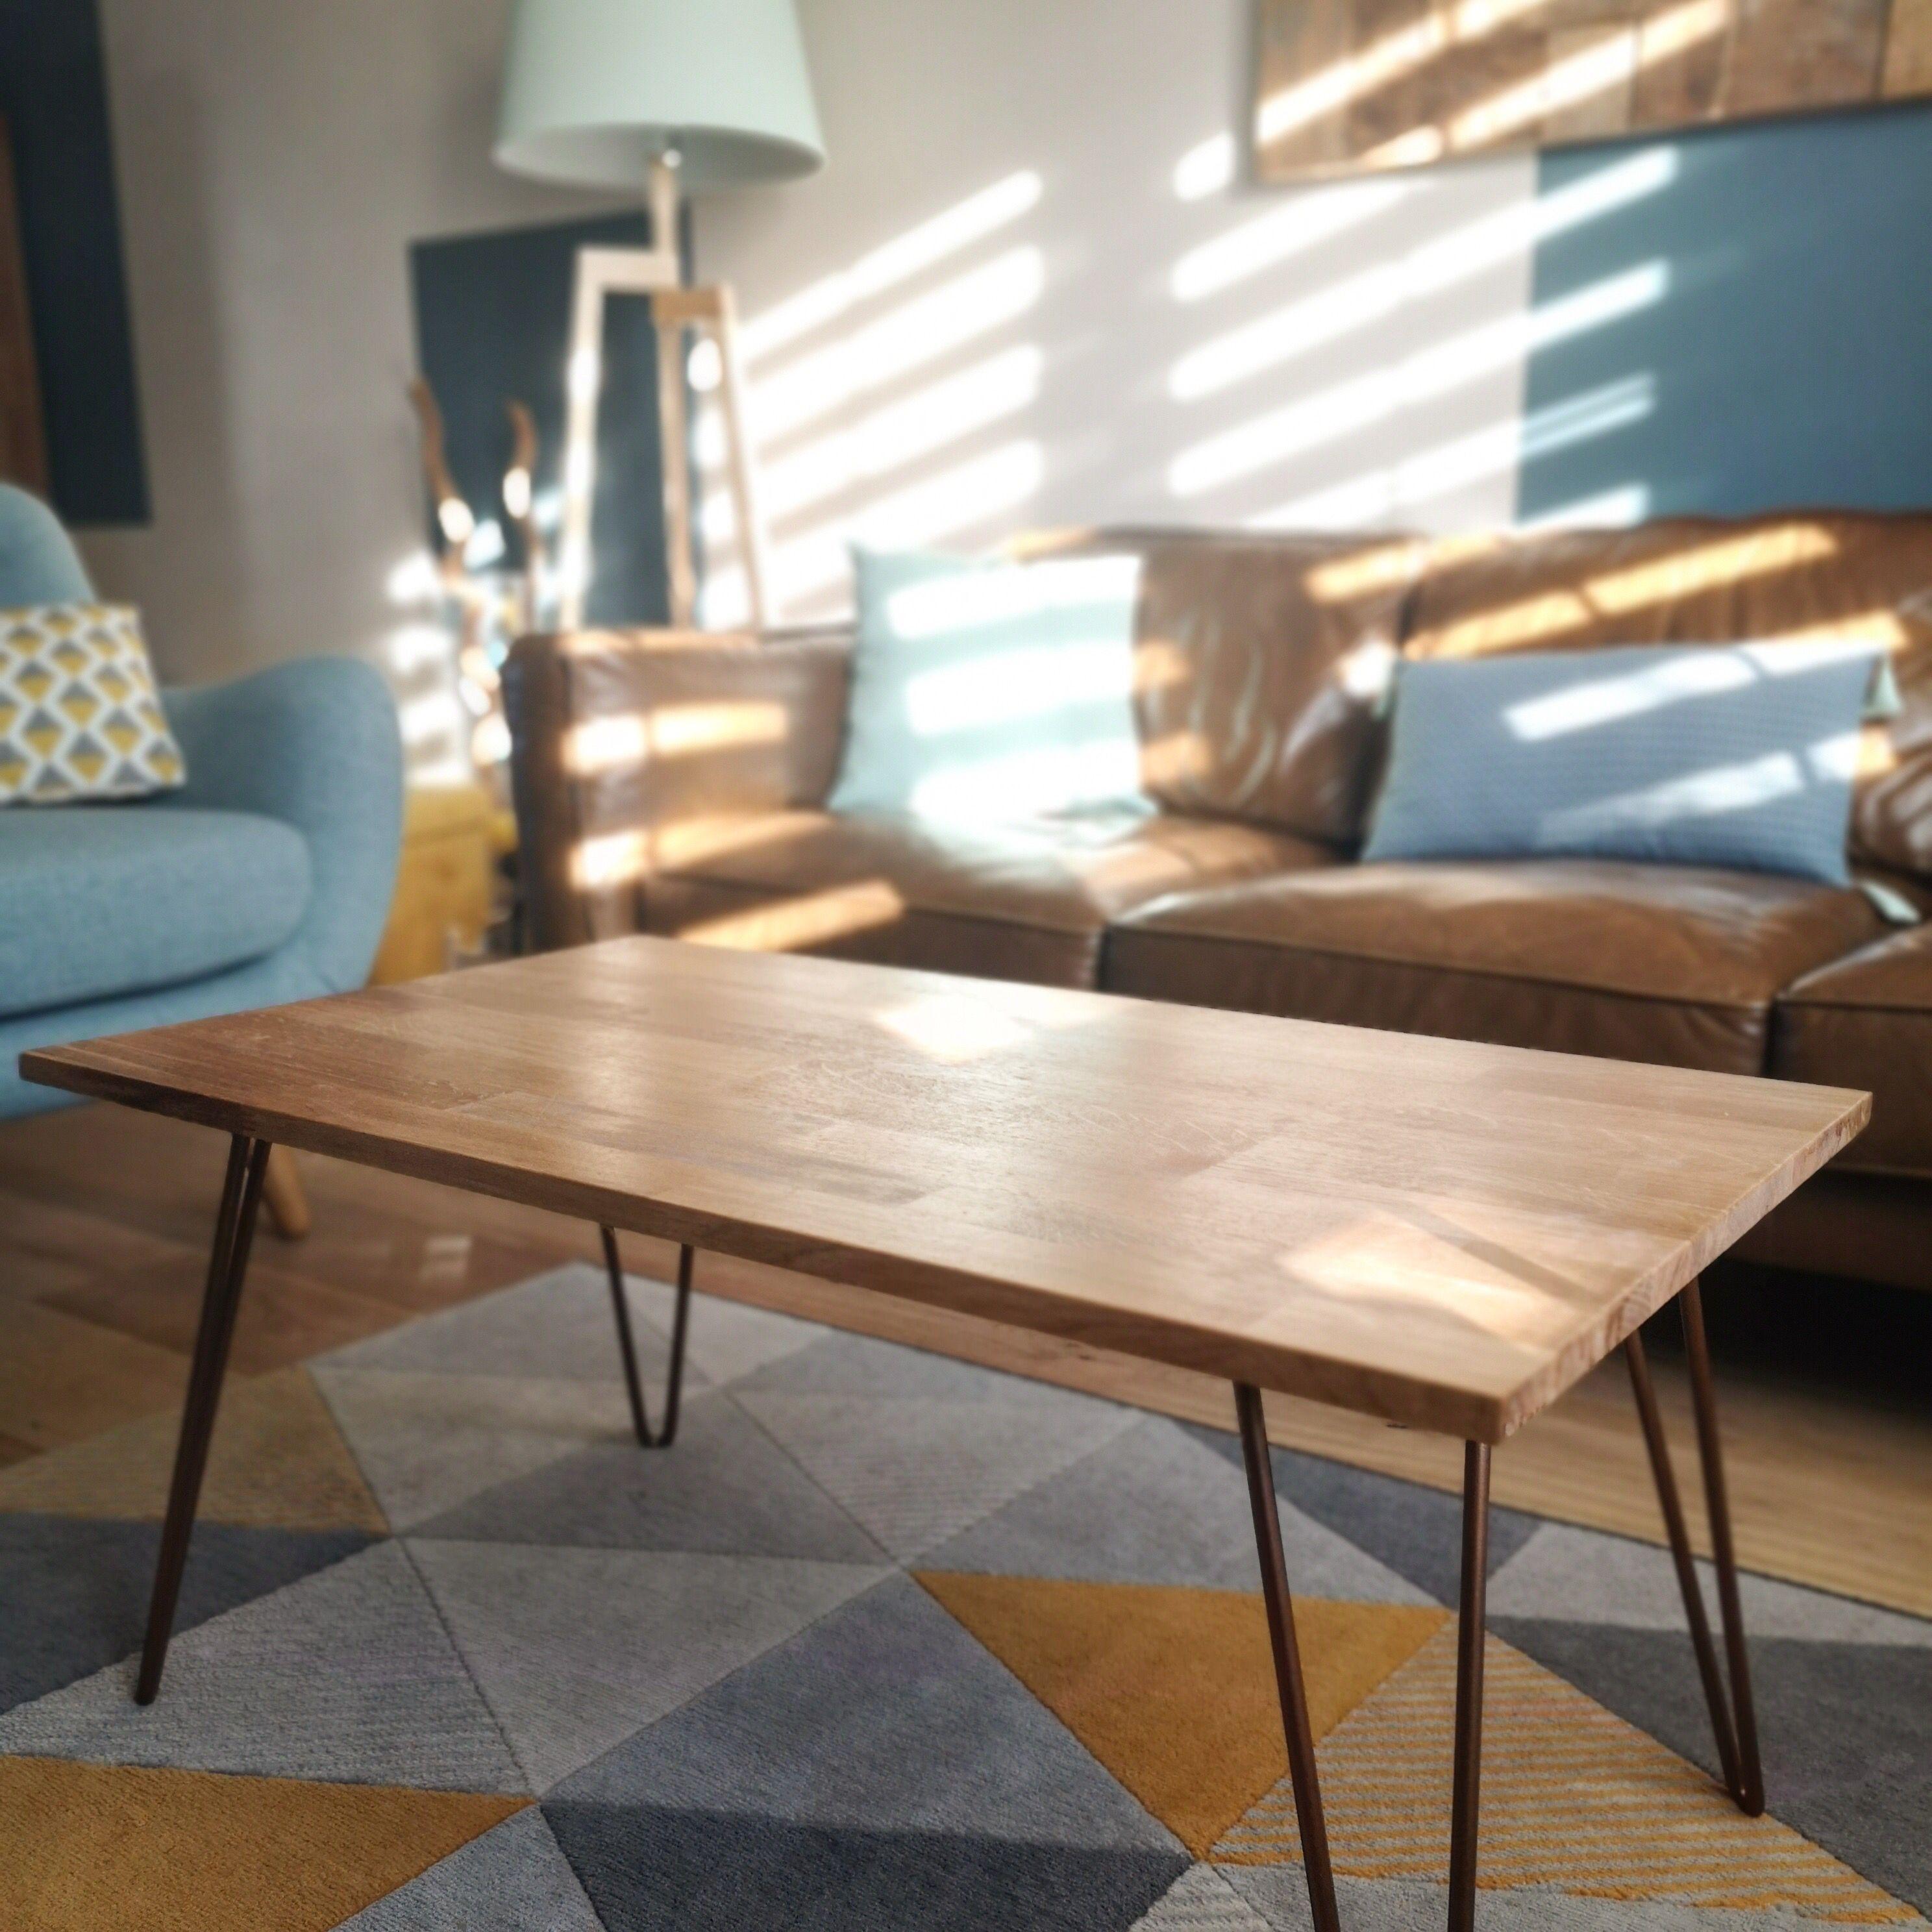 Epingle Par Sissie Sur Salon Avec Images Table Basse Diy Table Basse Table